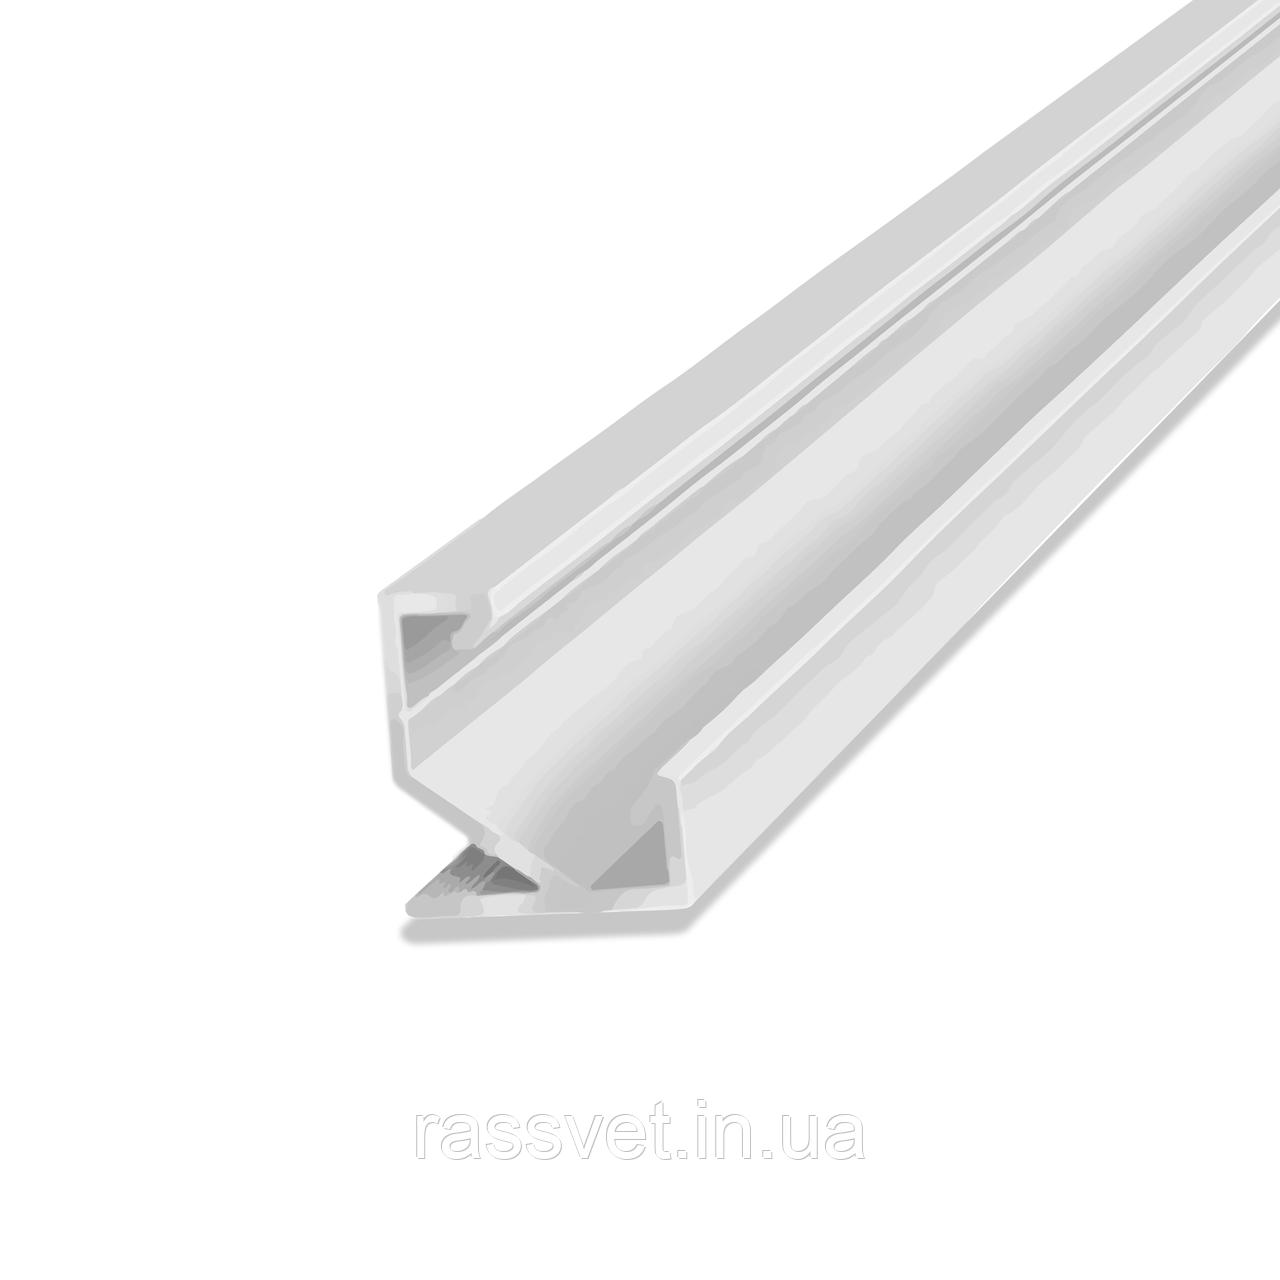 Неанодированный угловой профиль ЛПУ-17 светодиодный Crop (20826)